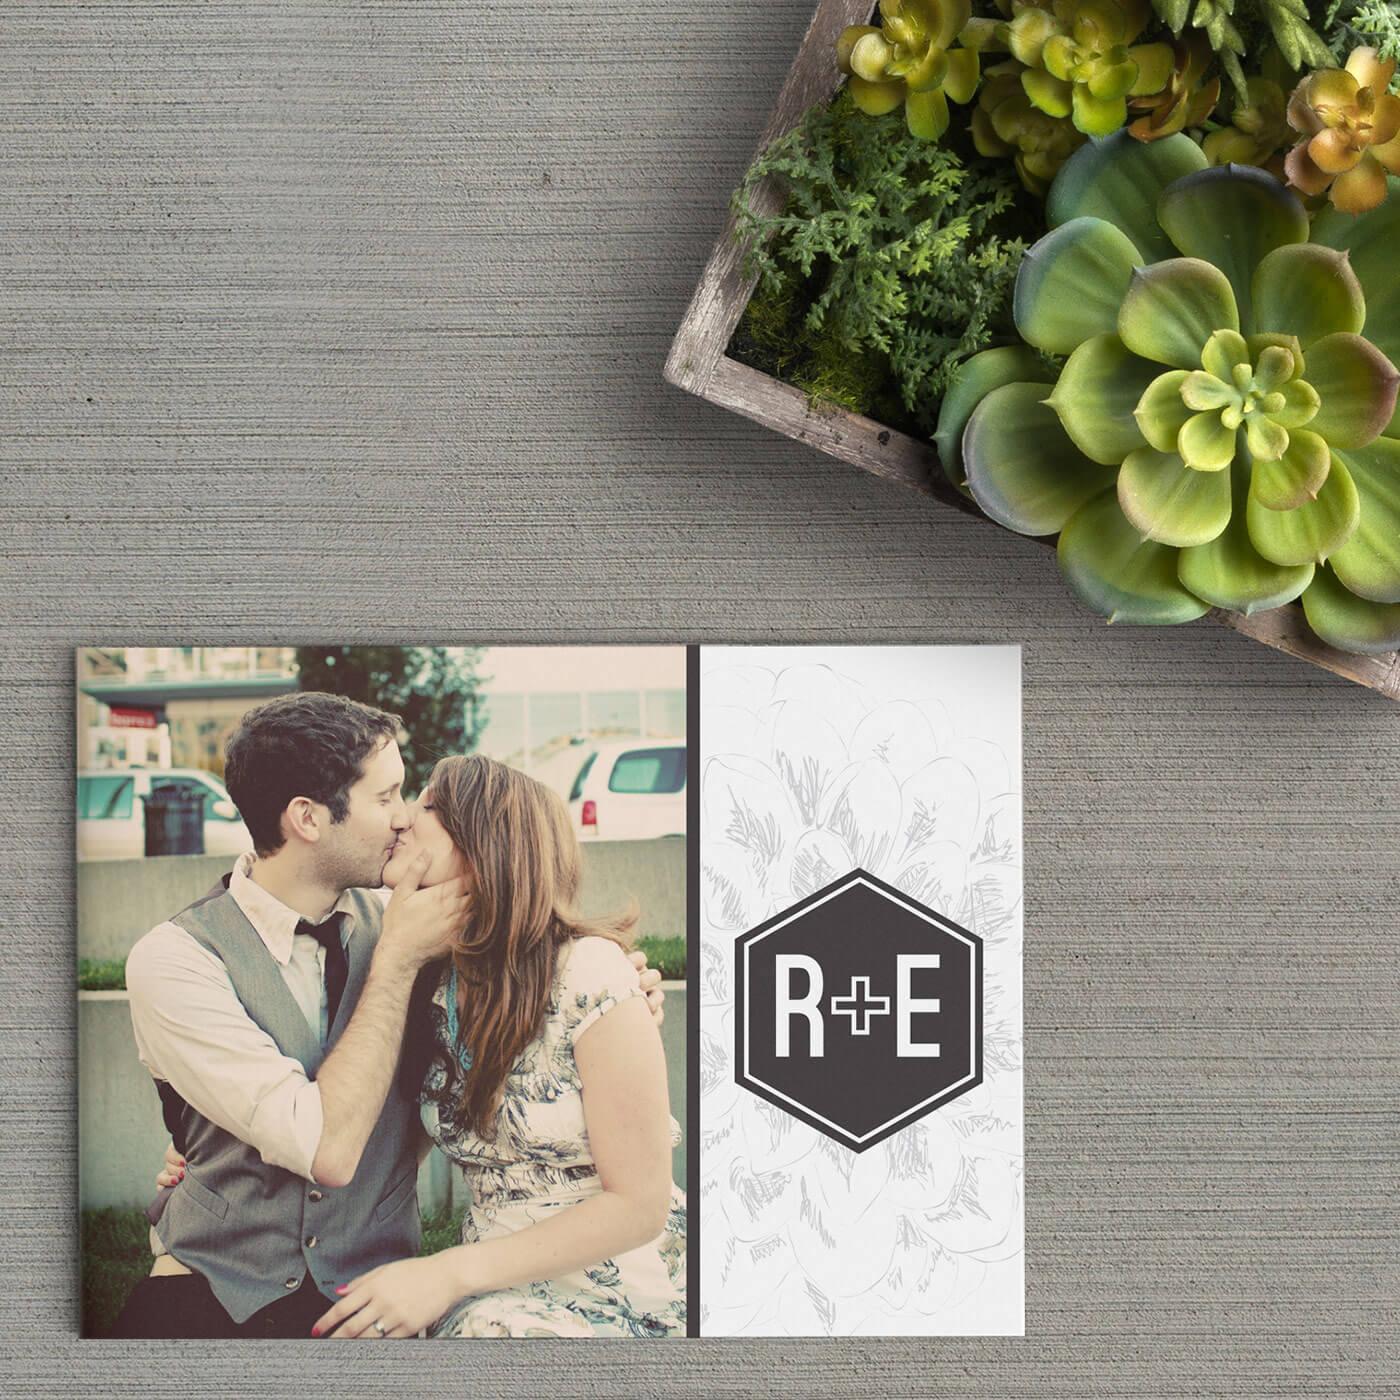 Op de voorkant van trouwkaart Plus / Monogram staat een foto met daarnaast een interessant trouwlogo, bestaande uit initialen en een plus.